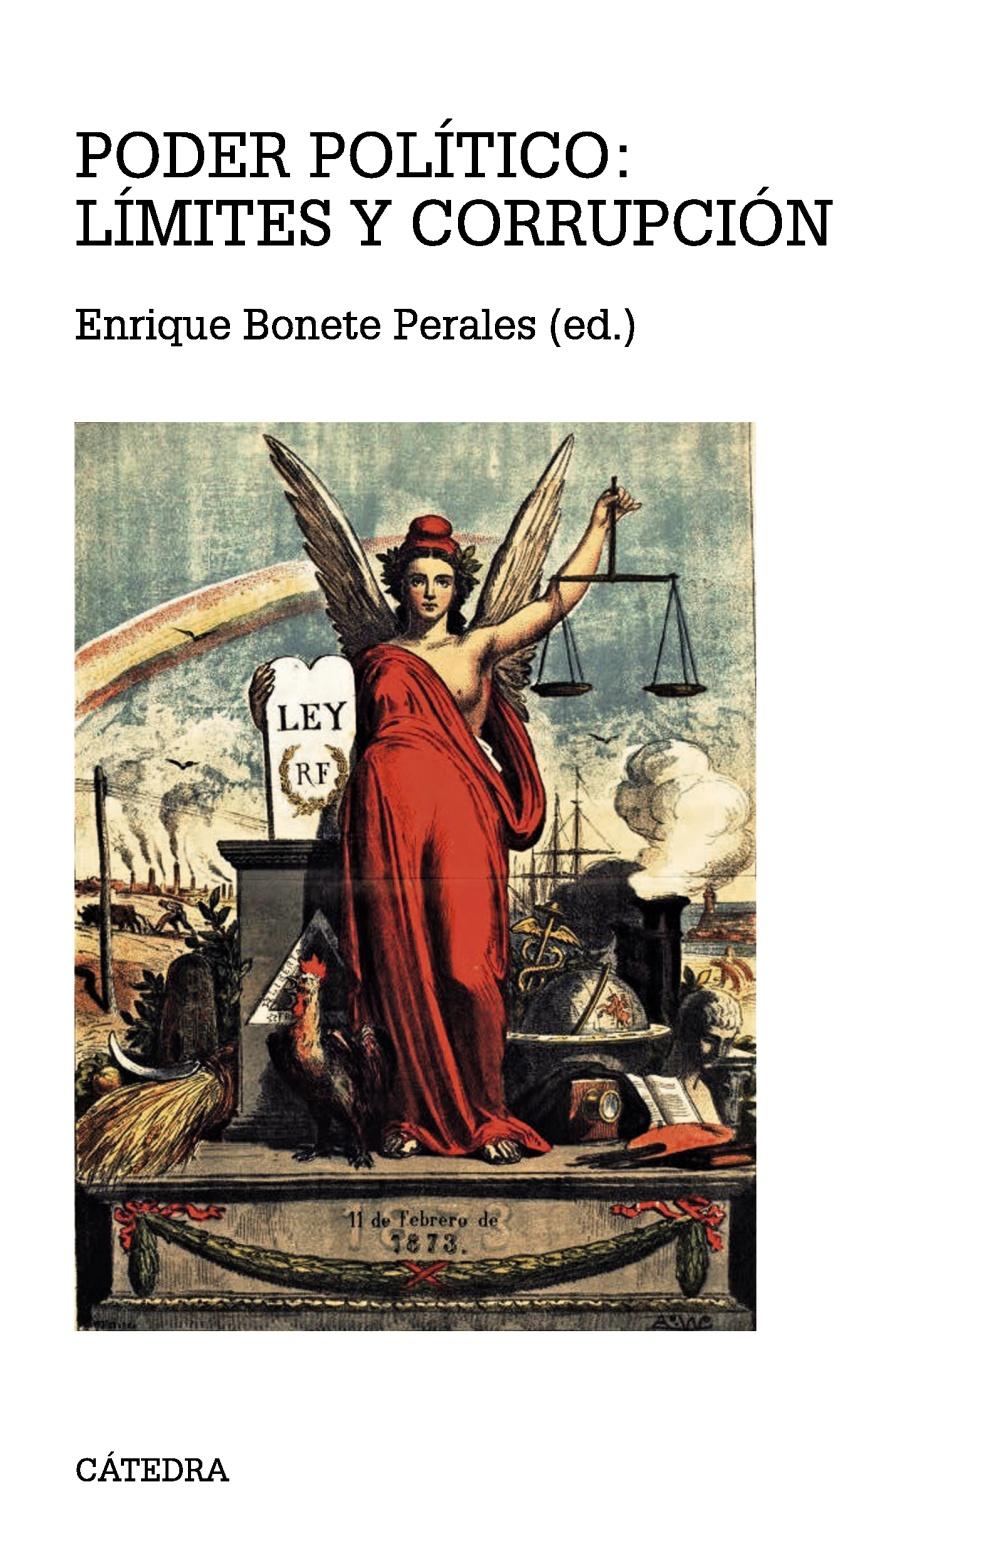 Descargar PODER POLITICO: LIMITES Y CORRUPCION